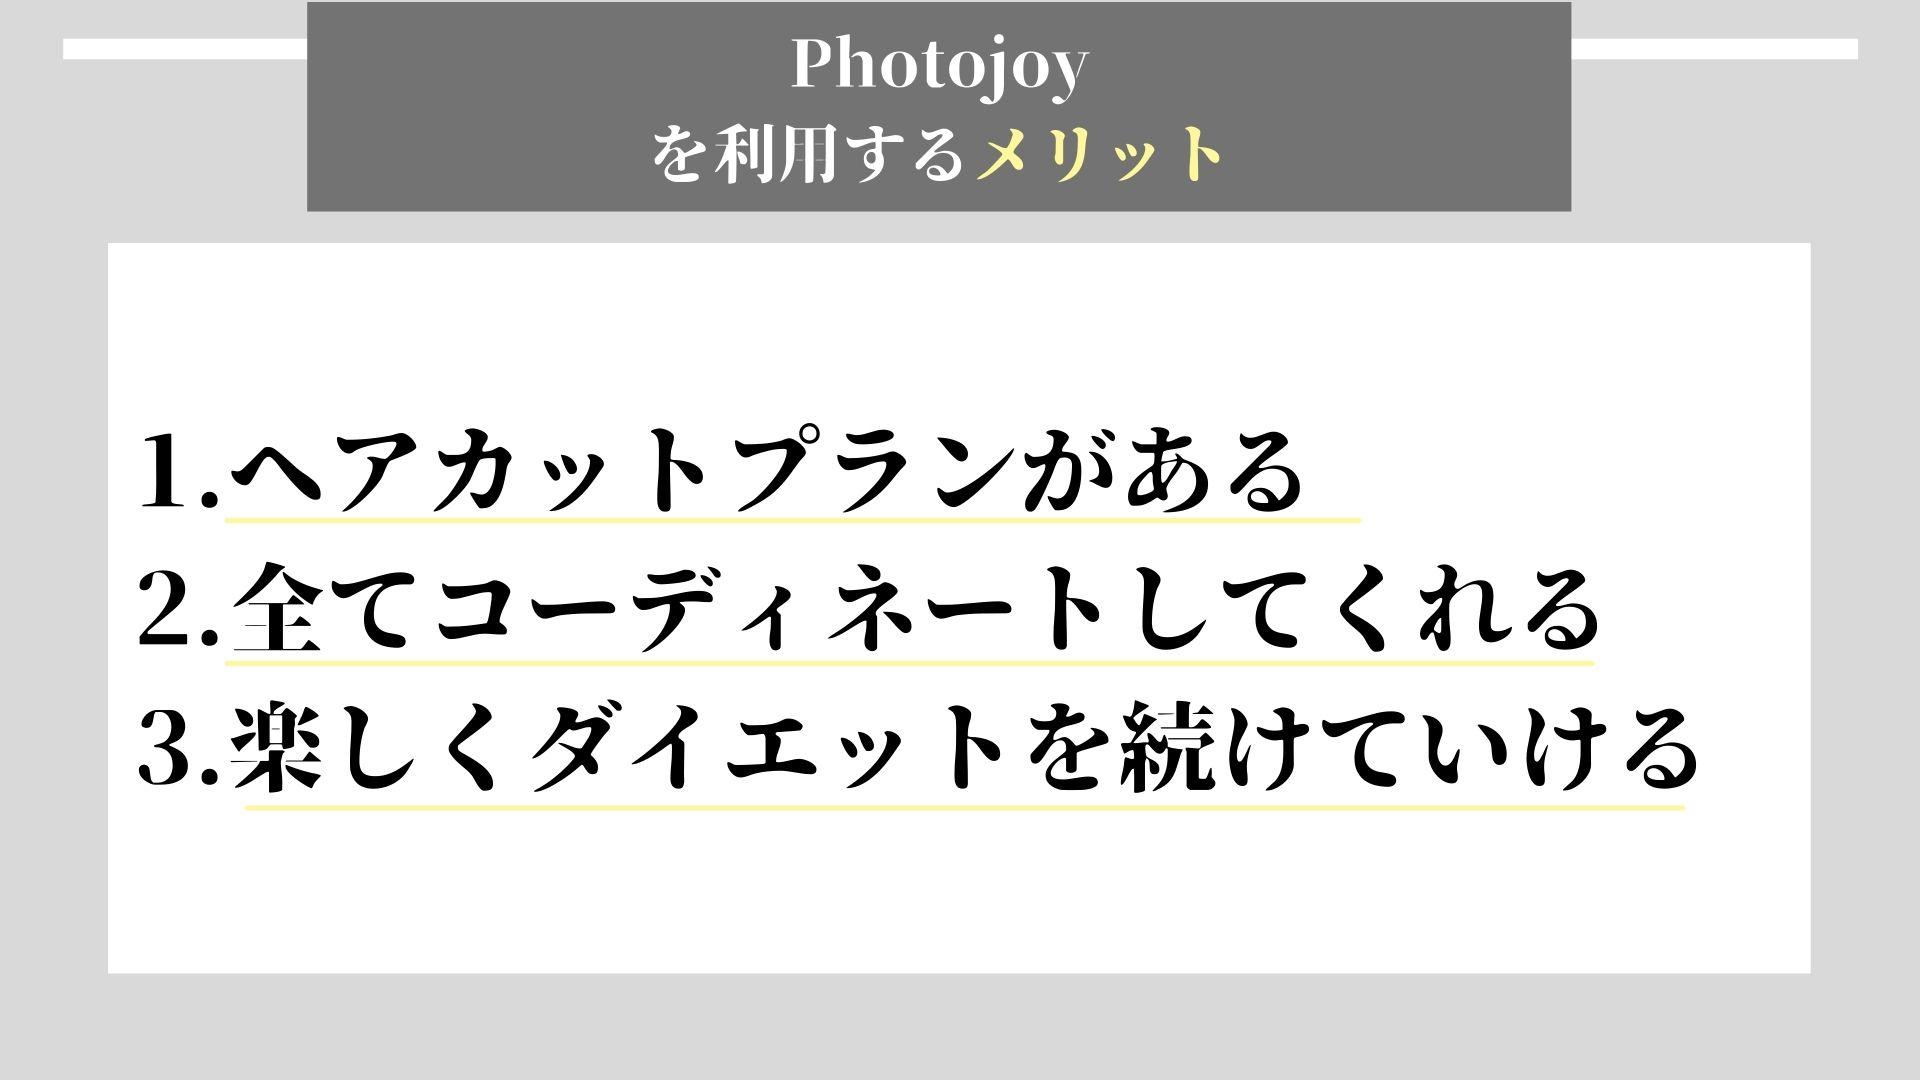 Photojoy メリット